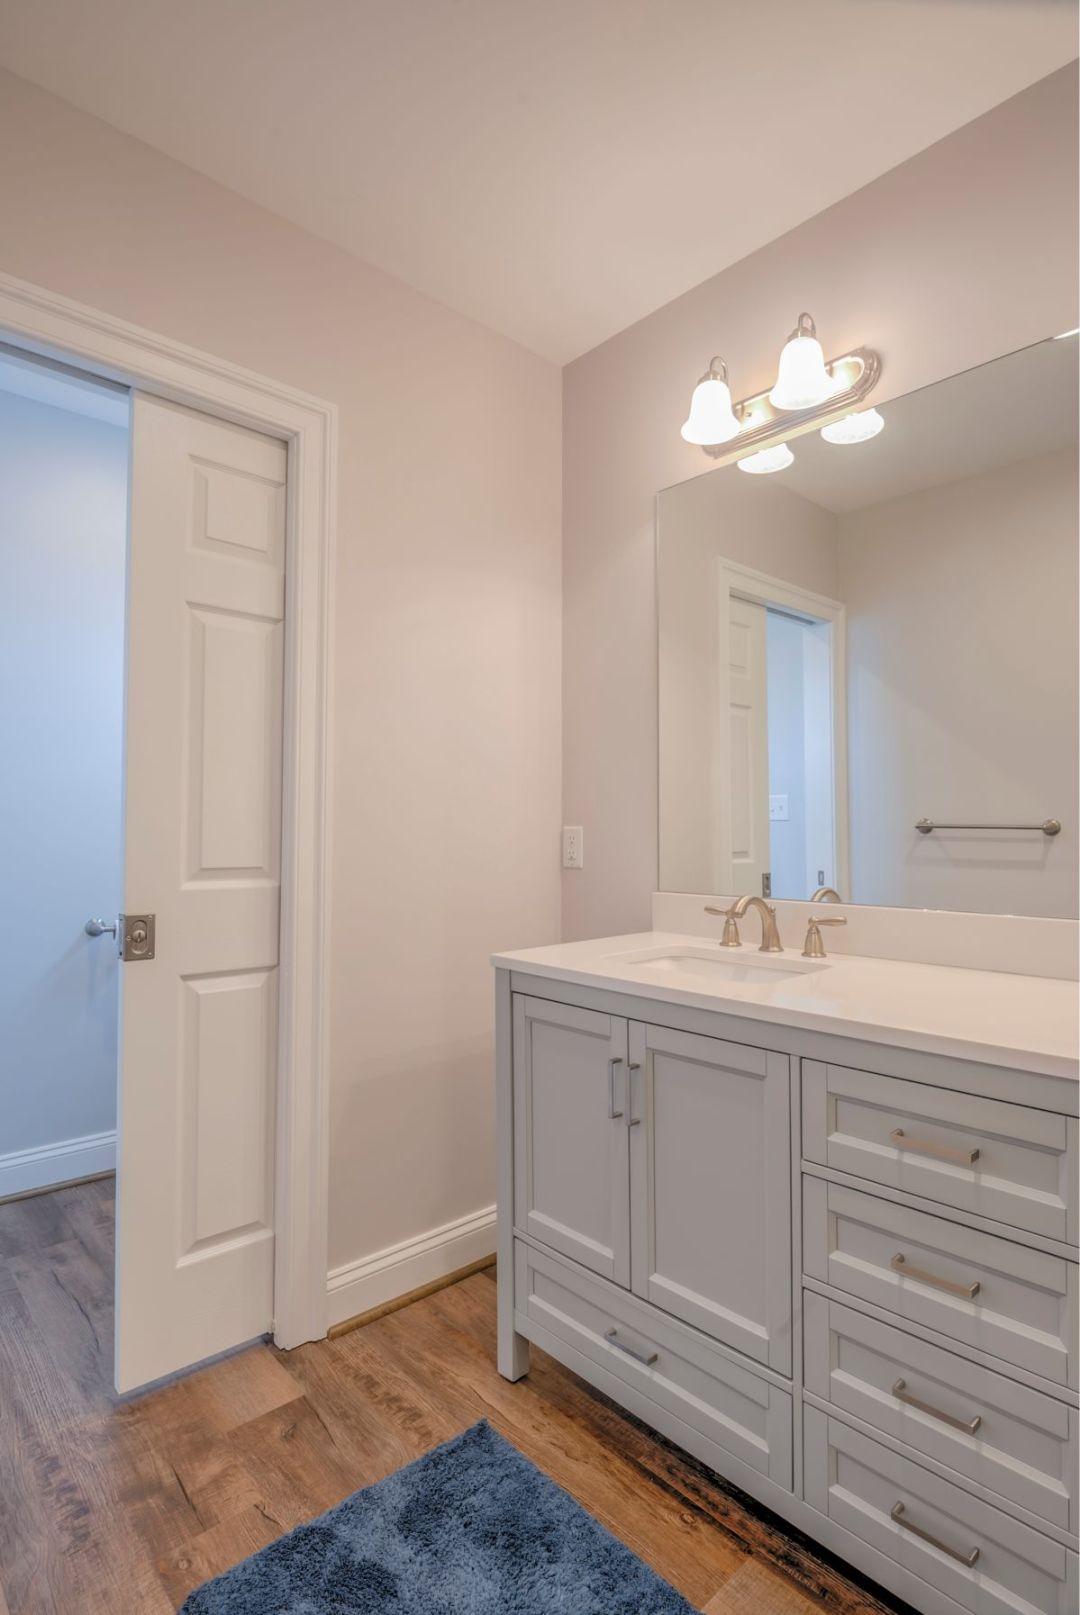 Bathroom Remodel in October Glory, Ocean View DE